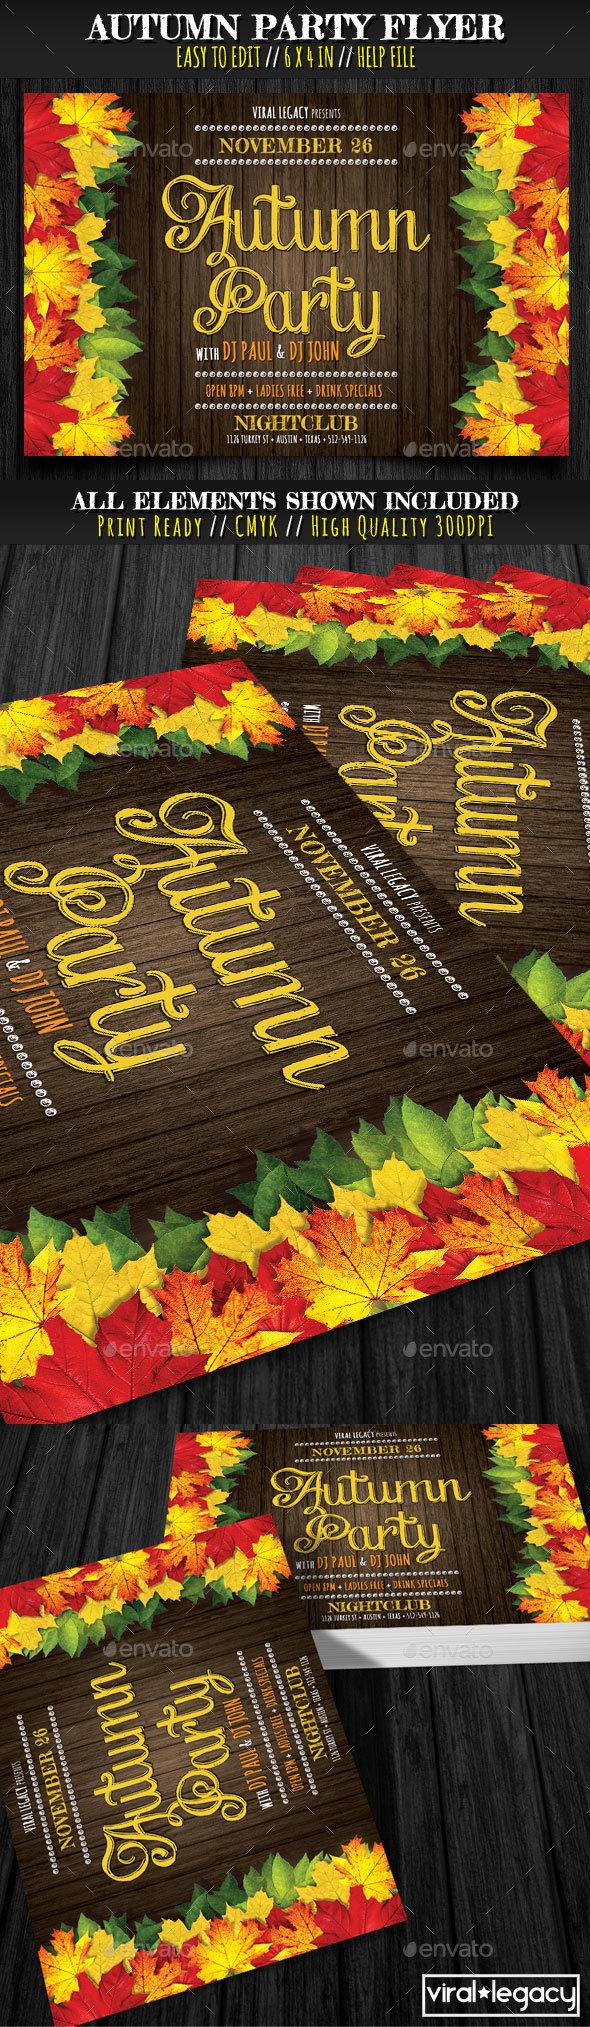 Autumn Party Flyer - Flyers Print Templates